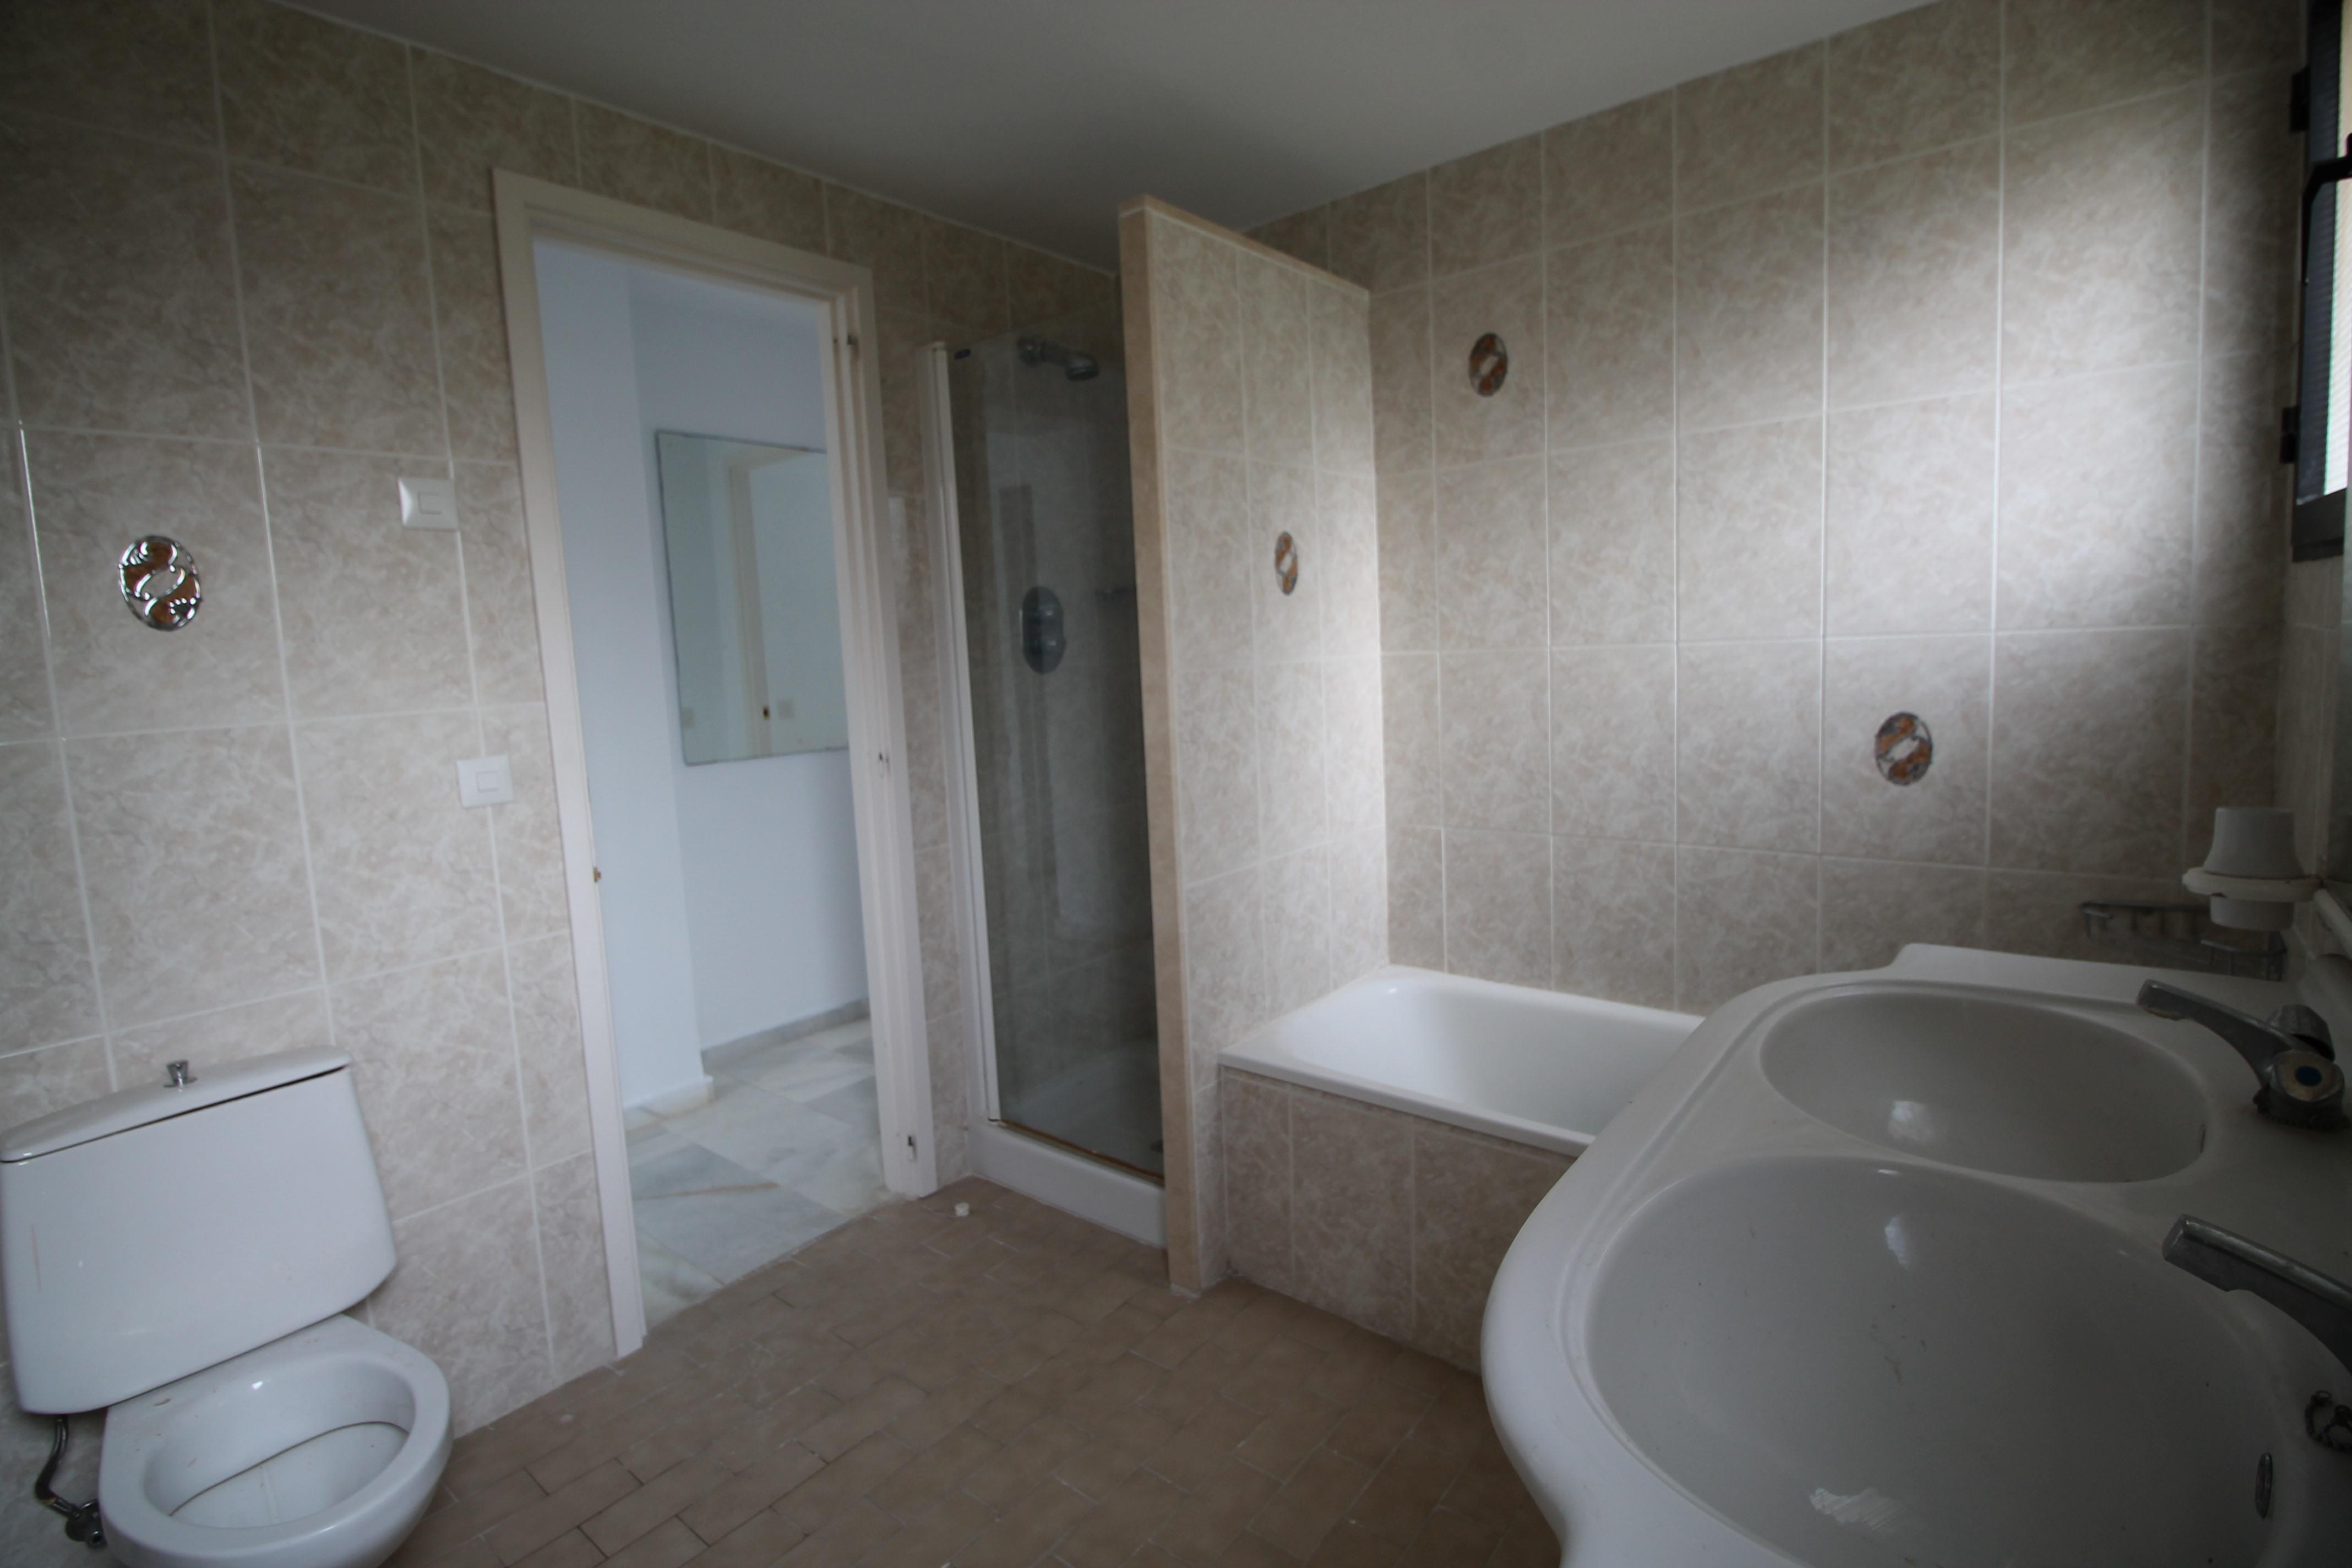 Piso en venta en Mijas, Málaga, Calle de Sevilla, 80.000 €, 2 habitaciones, 1 baño, 91 m2